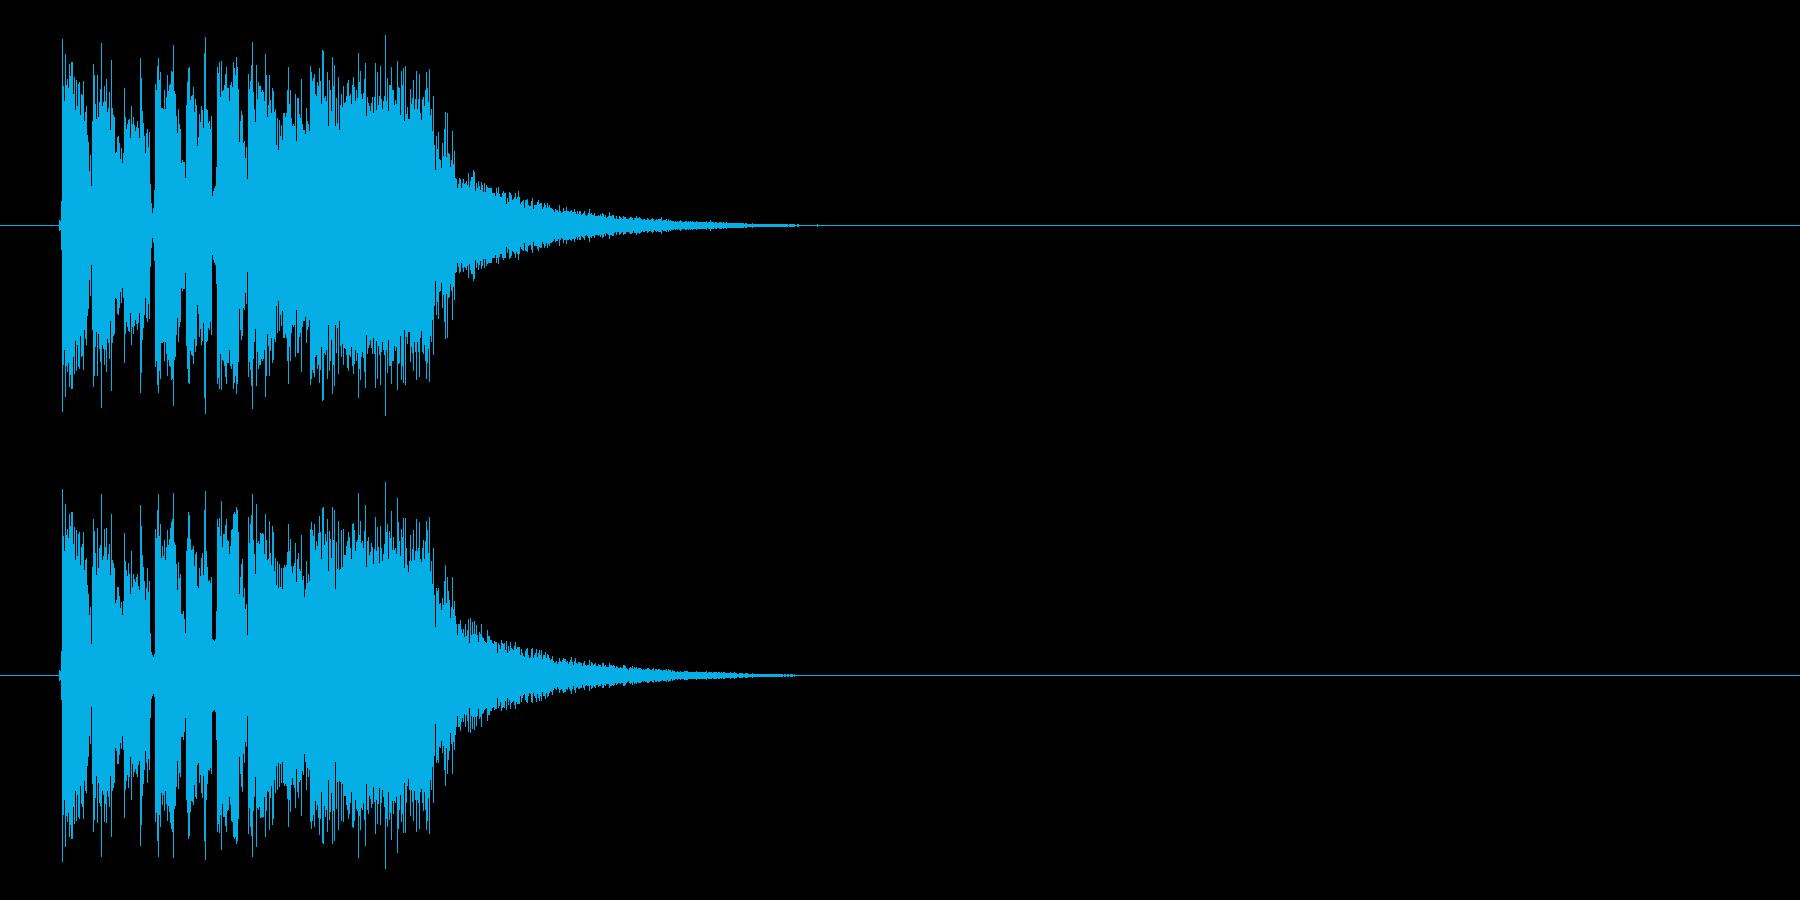 インパクトがありユニークなテクノの再生済みの波形